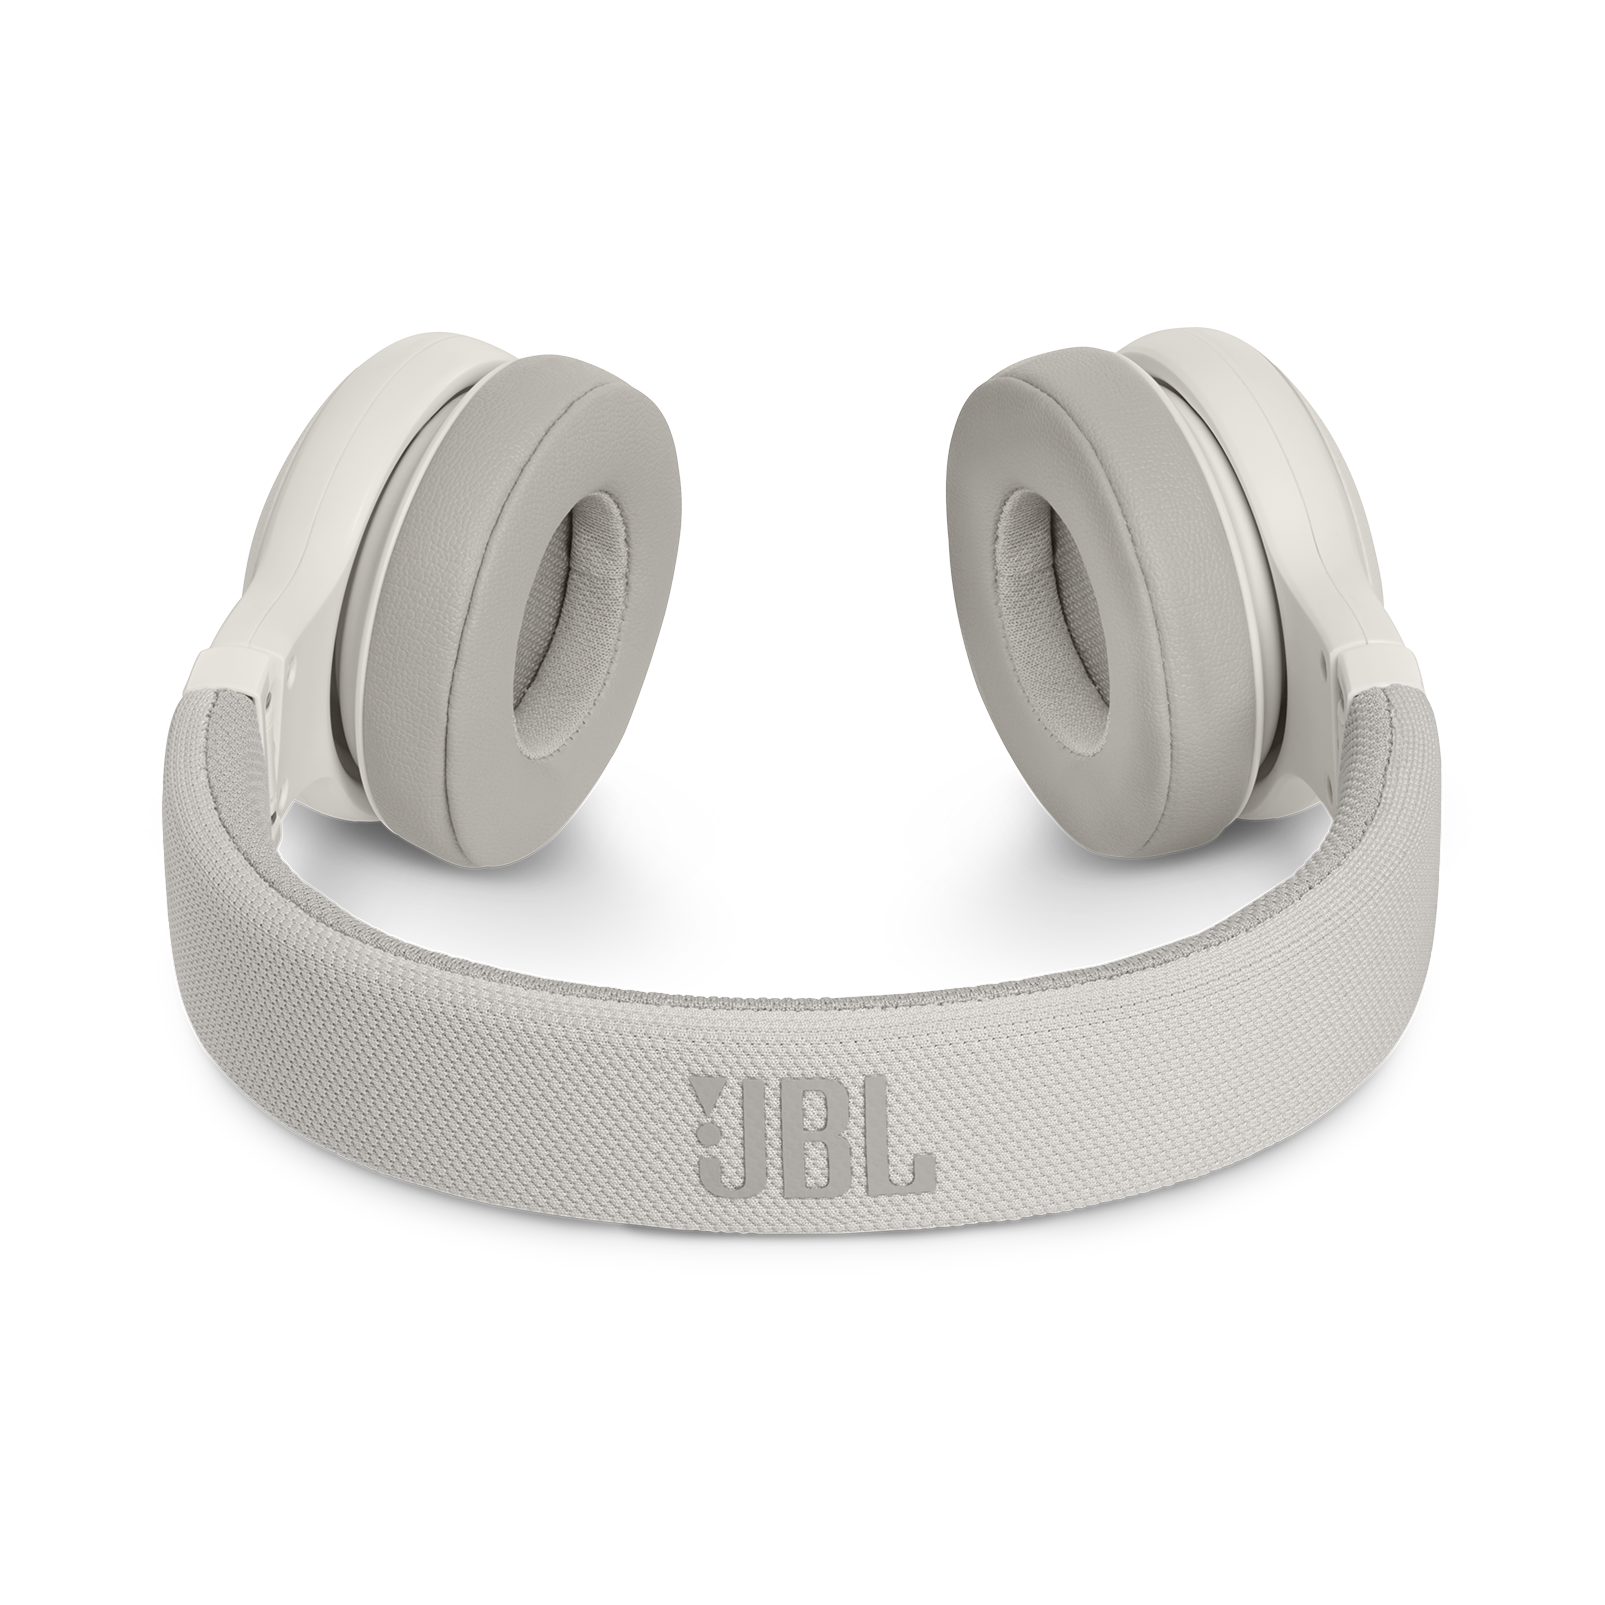 JBL E45BT - White - Wireless on-ear headphones - Detailshot 3